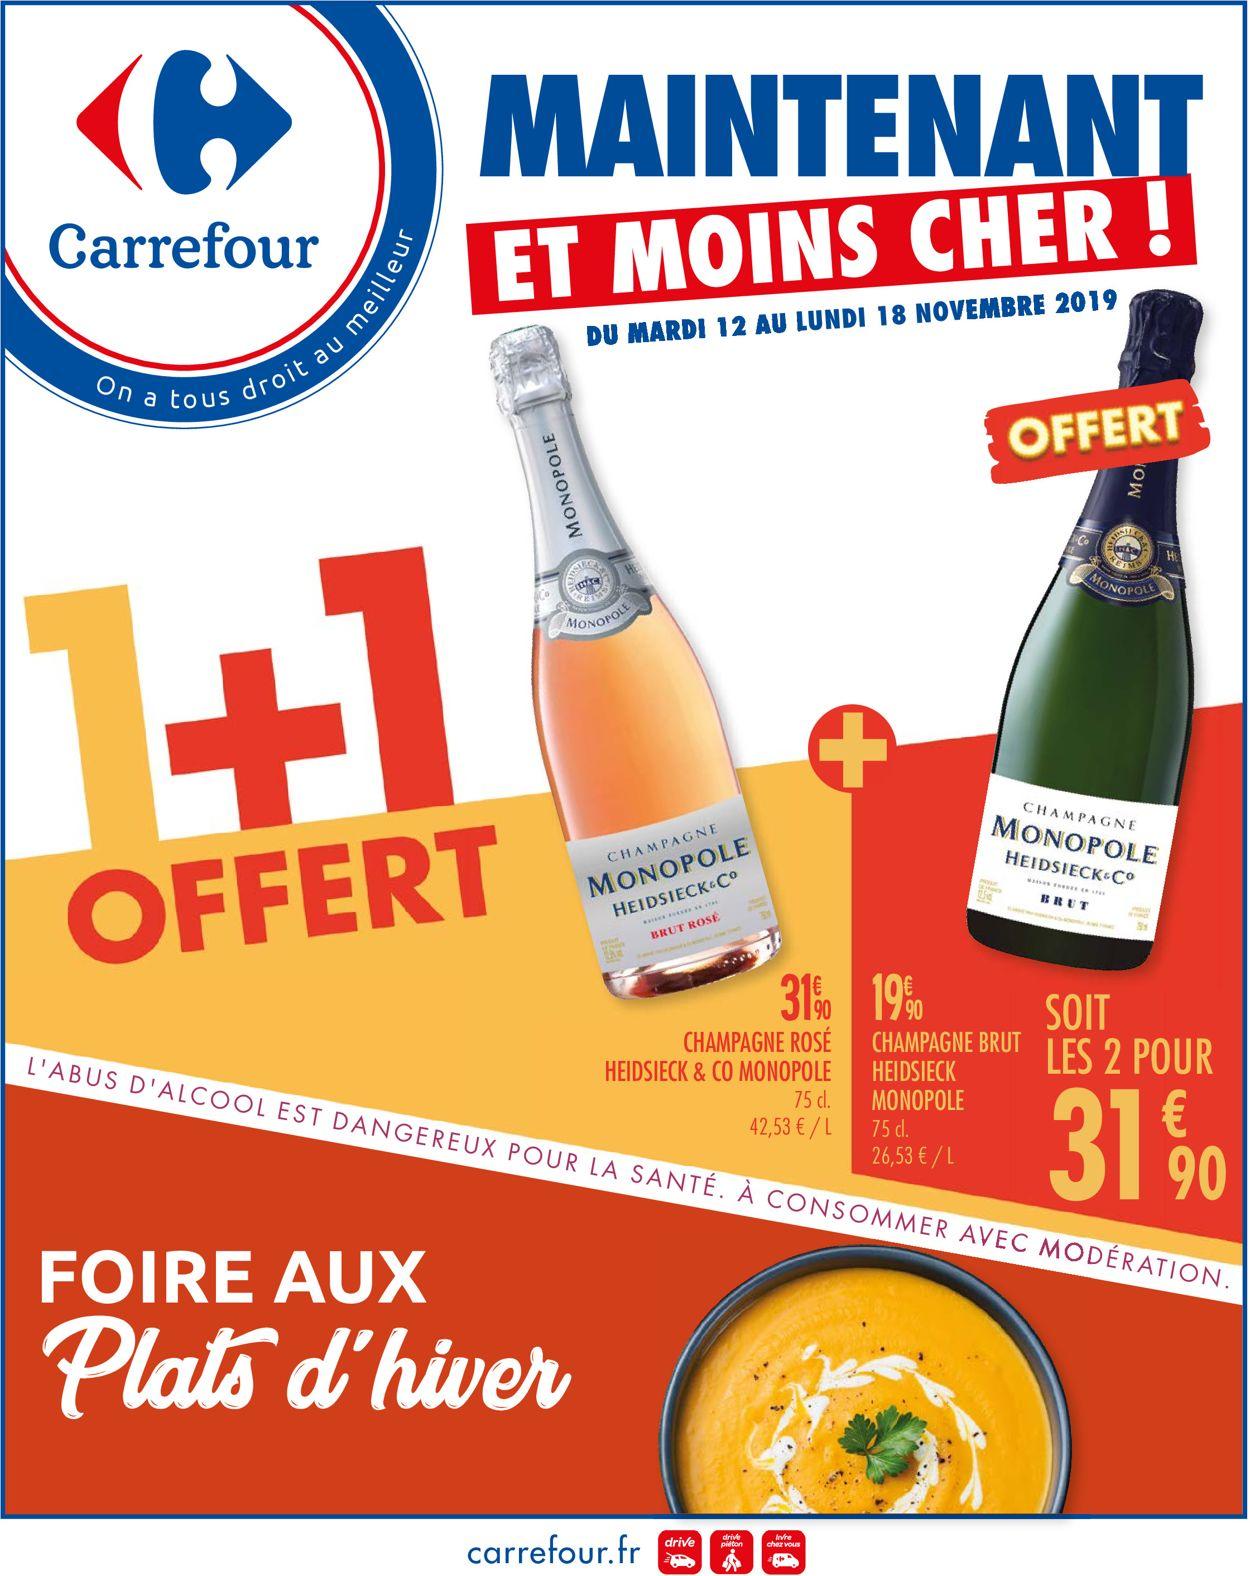 Carrefour Catalogue - 12.11-18.11.2019